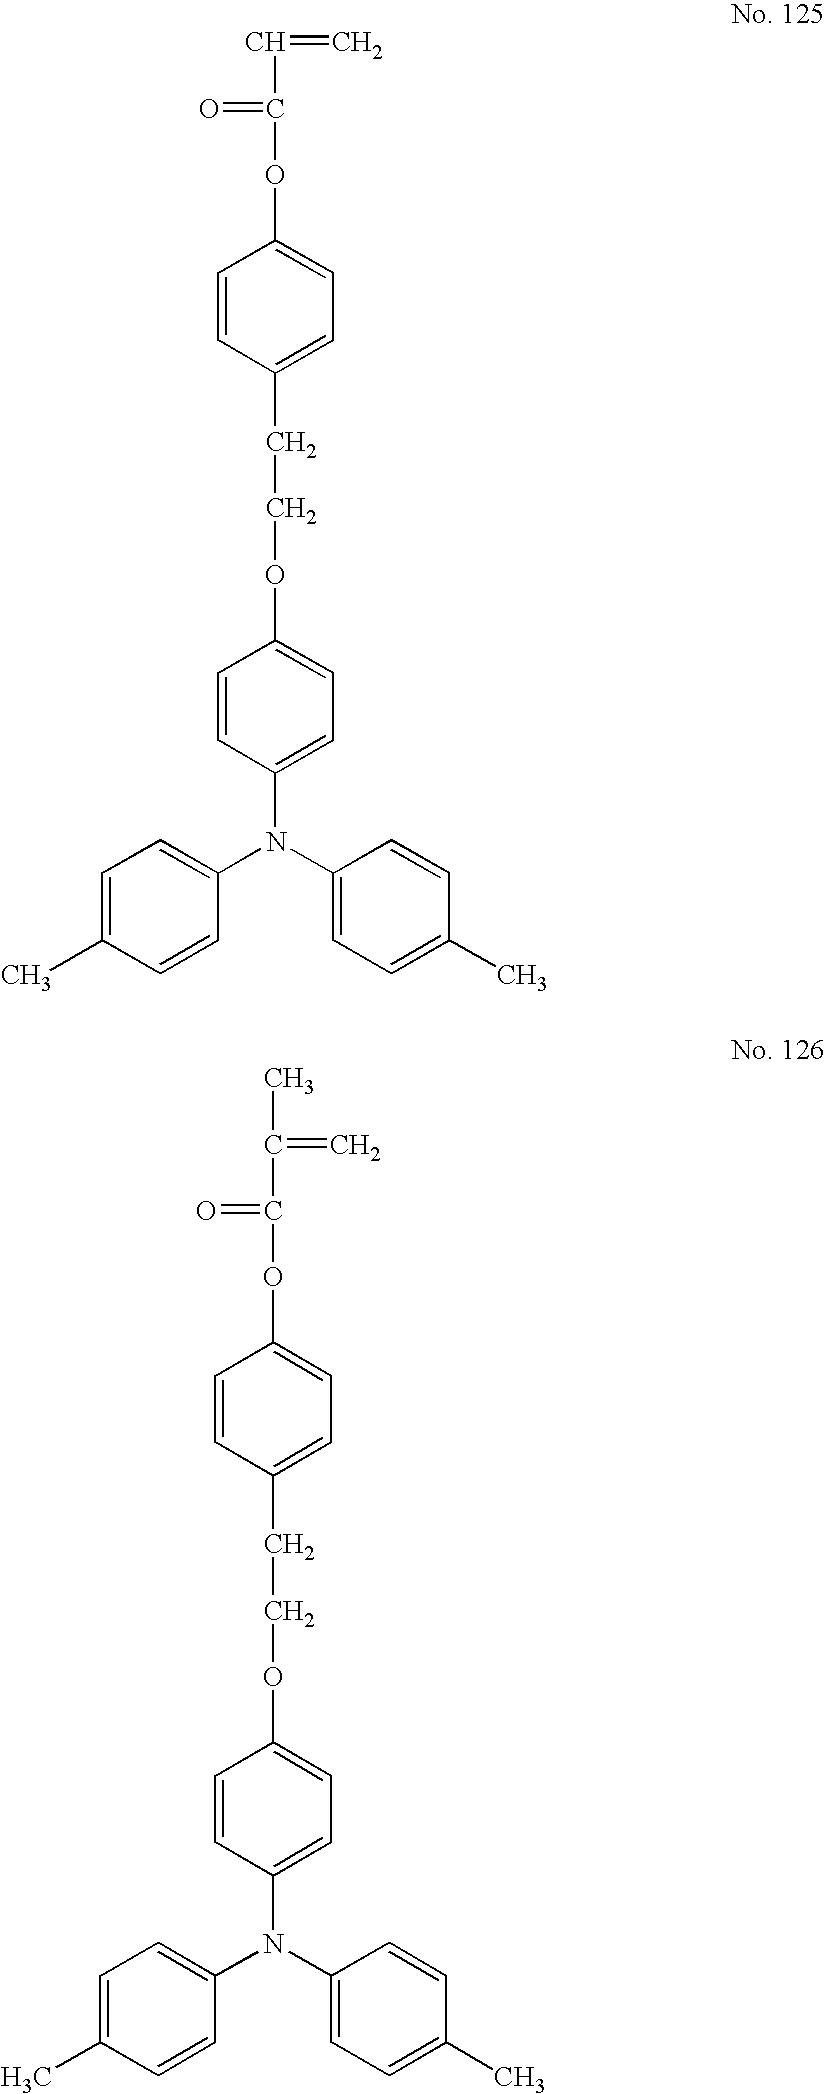 Figure US07824830-20101102-C00060